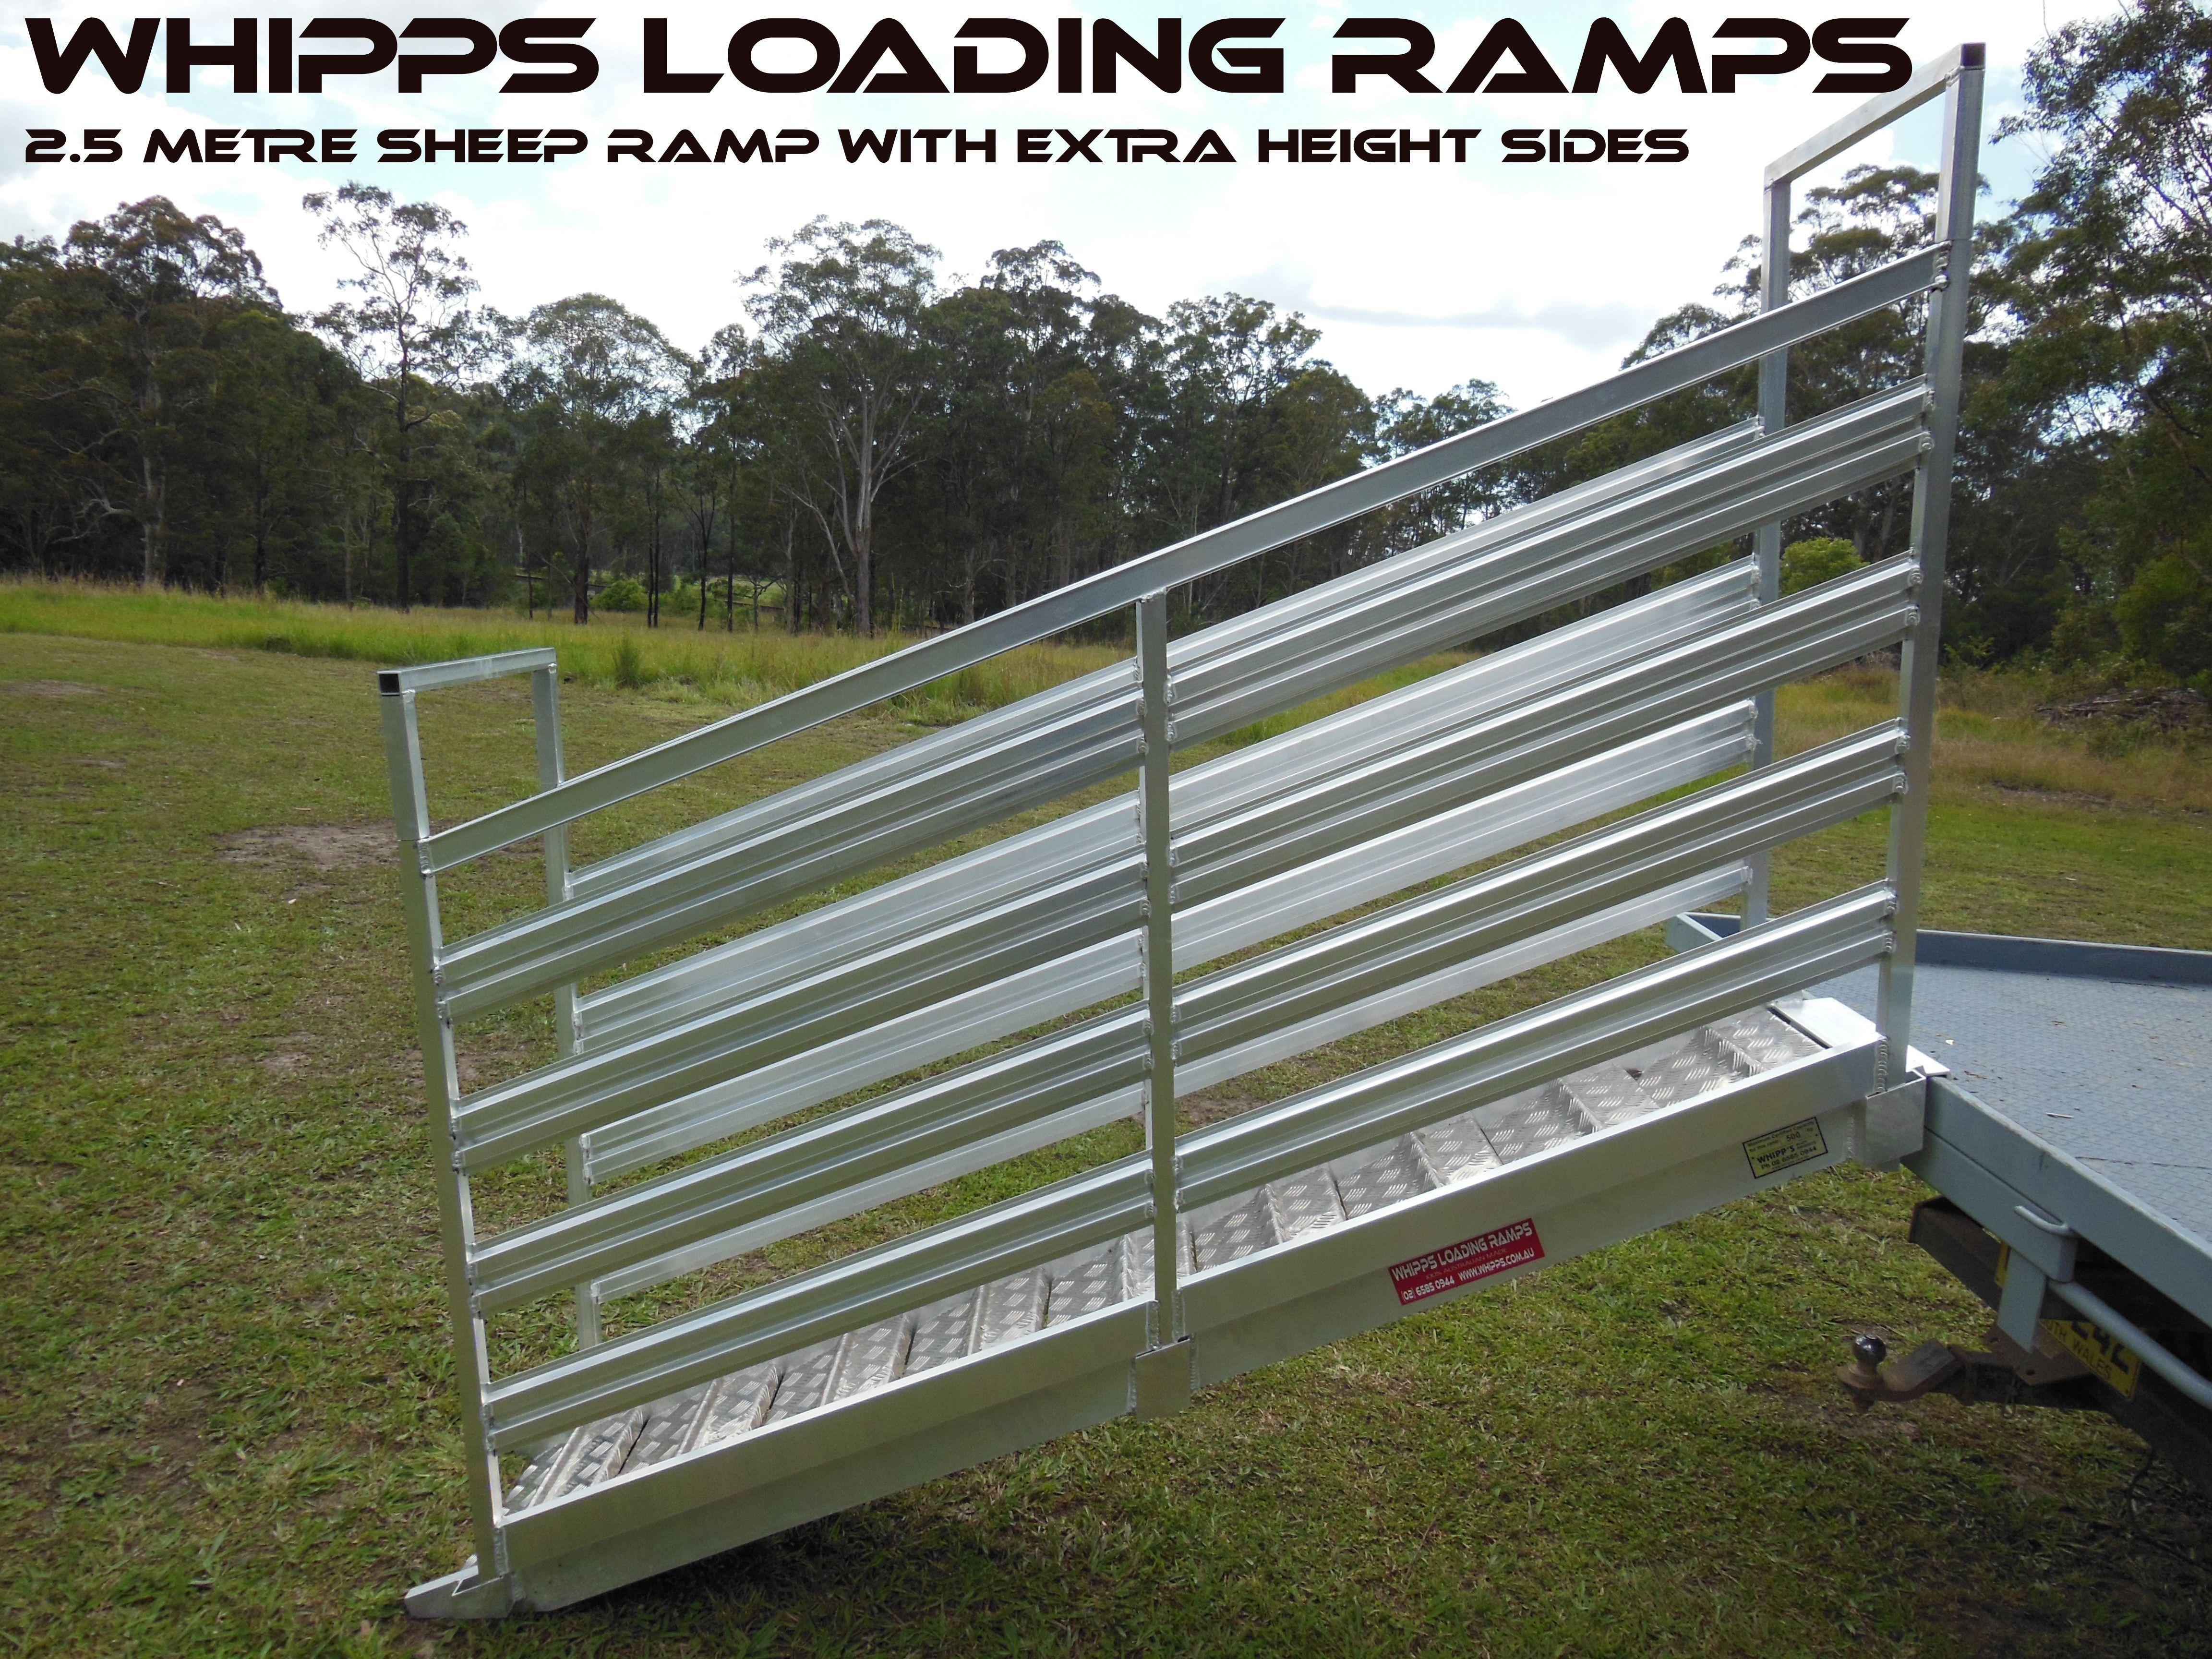 Aluminium Sheep Loading Ramp